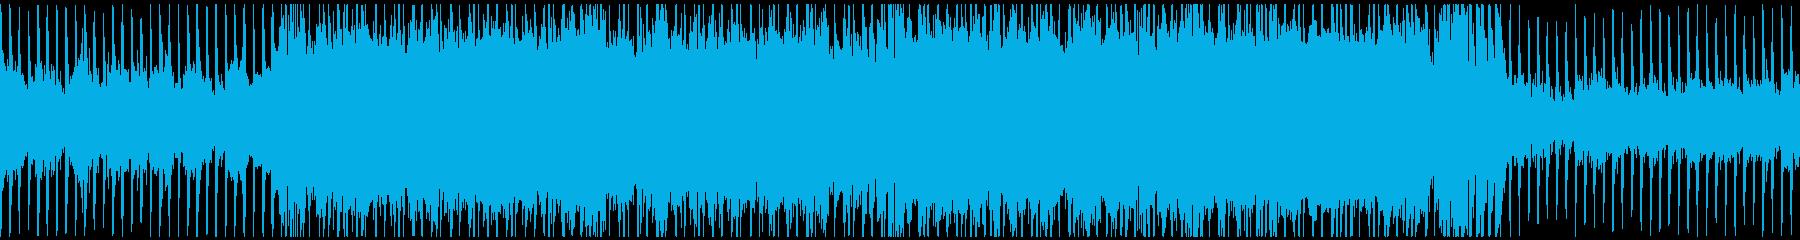 【ループ対応】感動的ストリングス&ギターの再生済みの波形